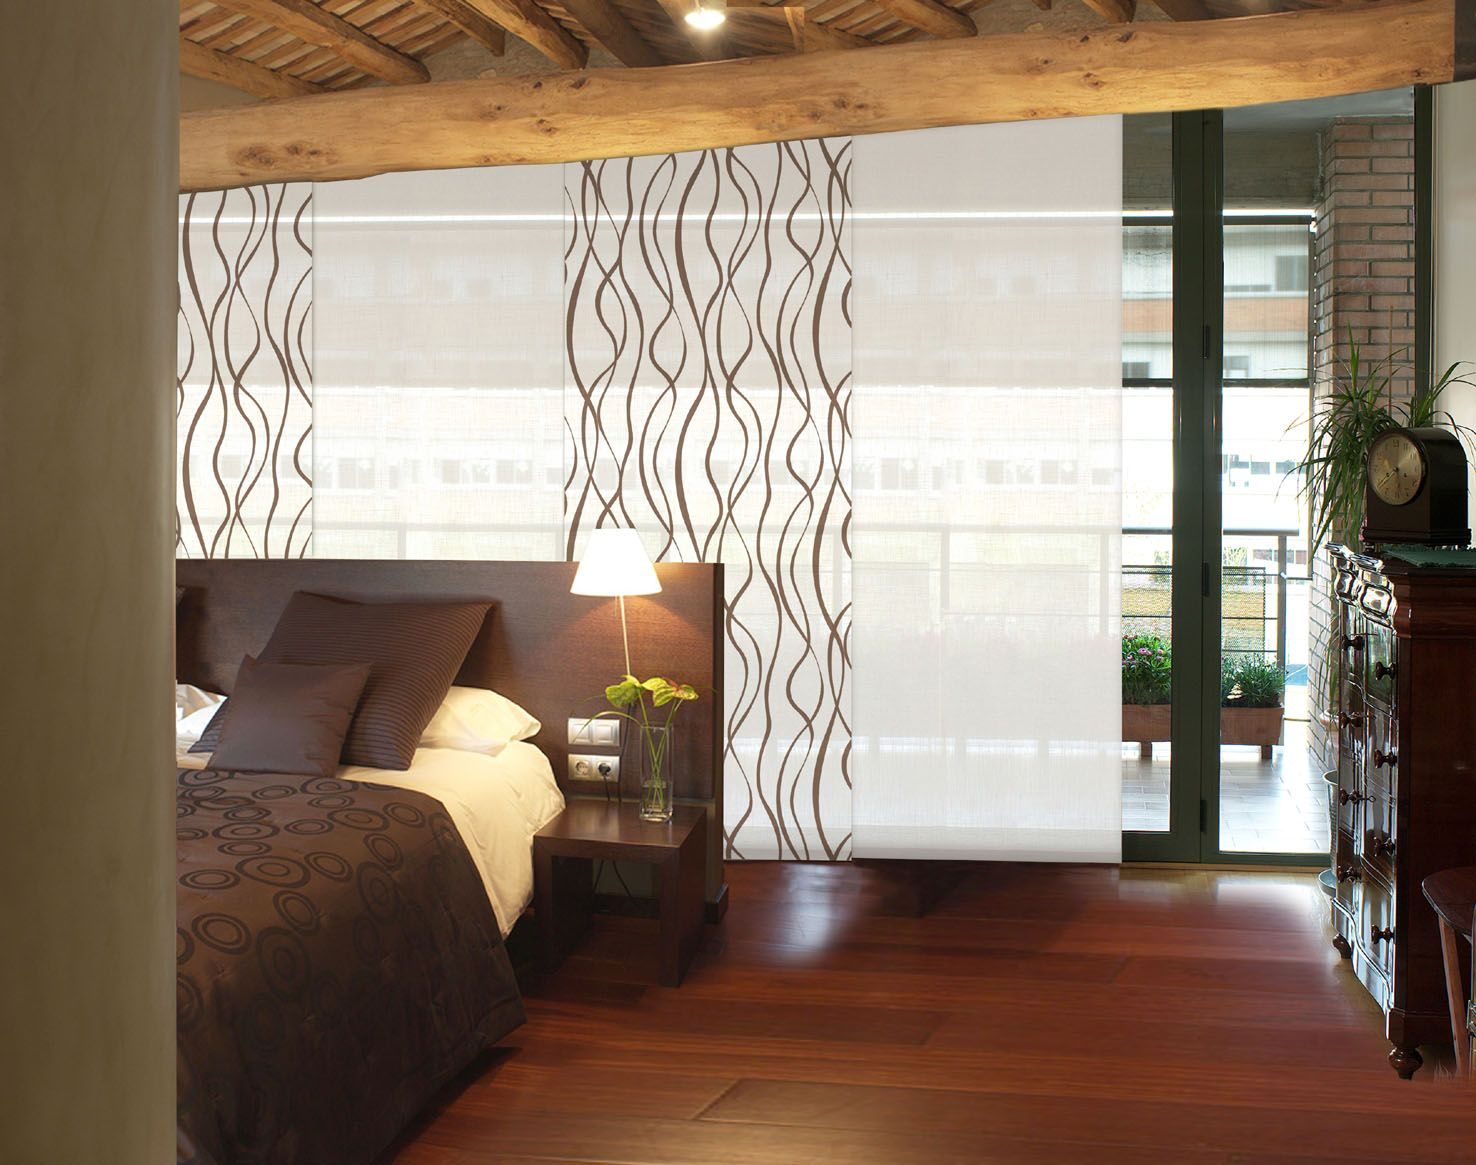 Especialmente dise ado para cubrir grandes ventanas en for Telas cortinas salon diseno